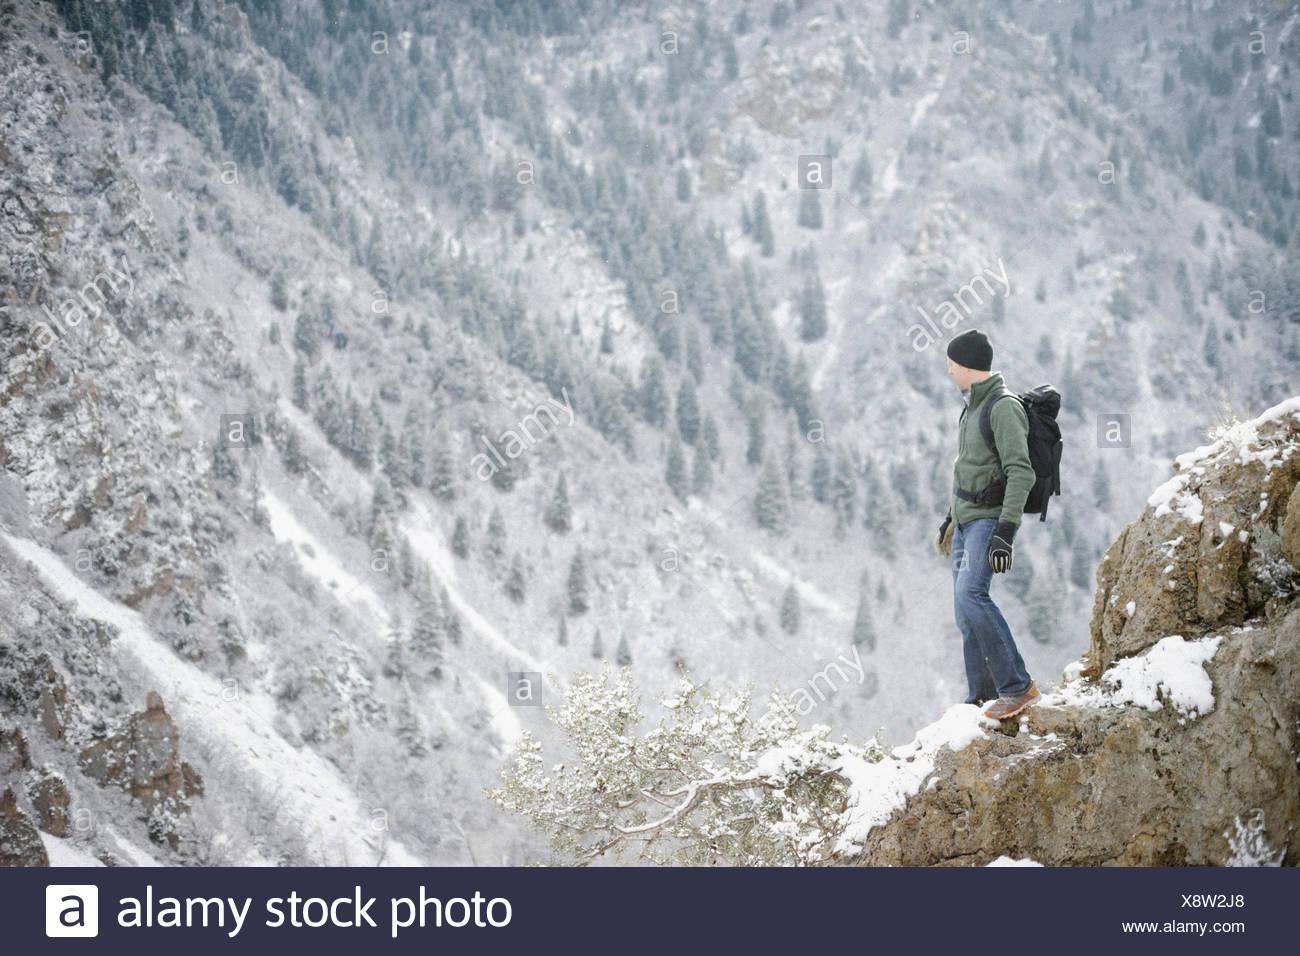 Un homme de la randonnée dans les montagnes à la recherche permanent dans une vallée. Photo Stock